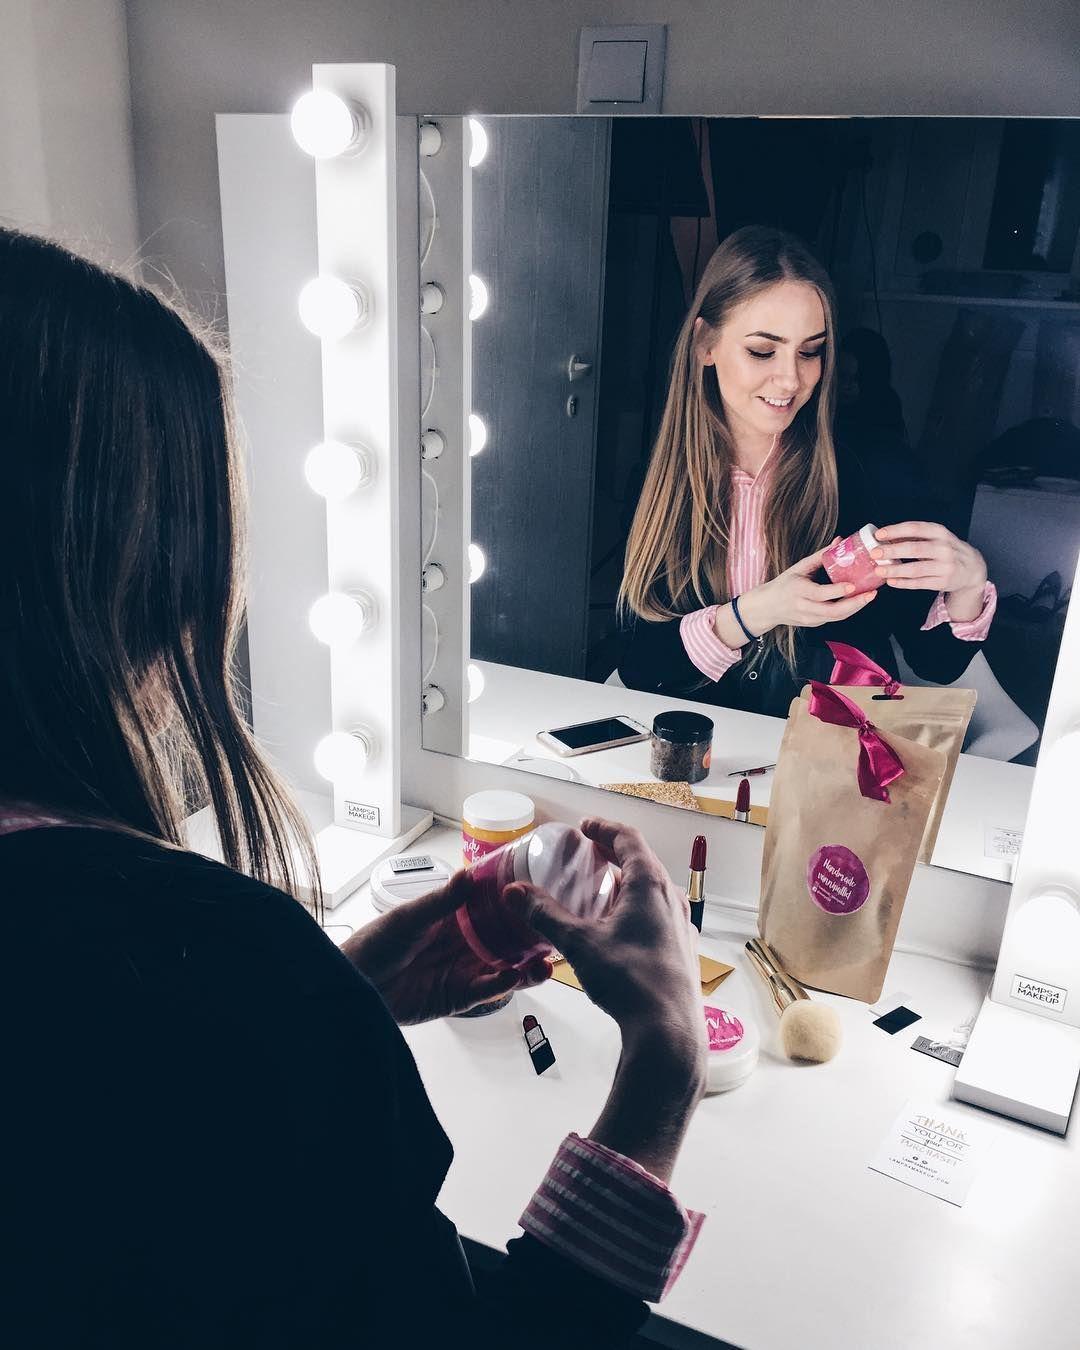 Unsere Fortschrittlichsten Lampen Das Beste Kosmetik Licht Wie Im Schonheitssalon 258 95 208 95 Gluhbirnen Fur Schminkspiegel Mirror Home Decor Decor